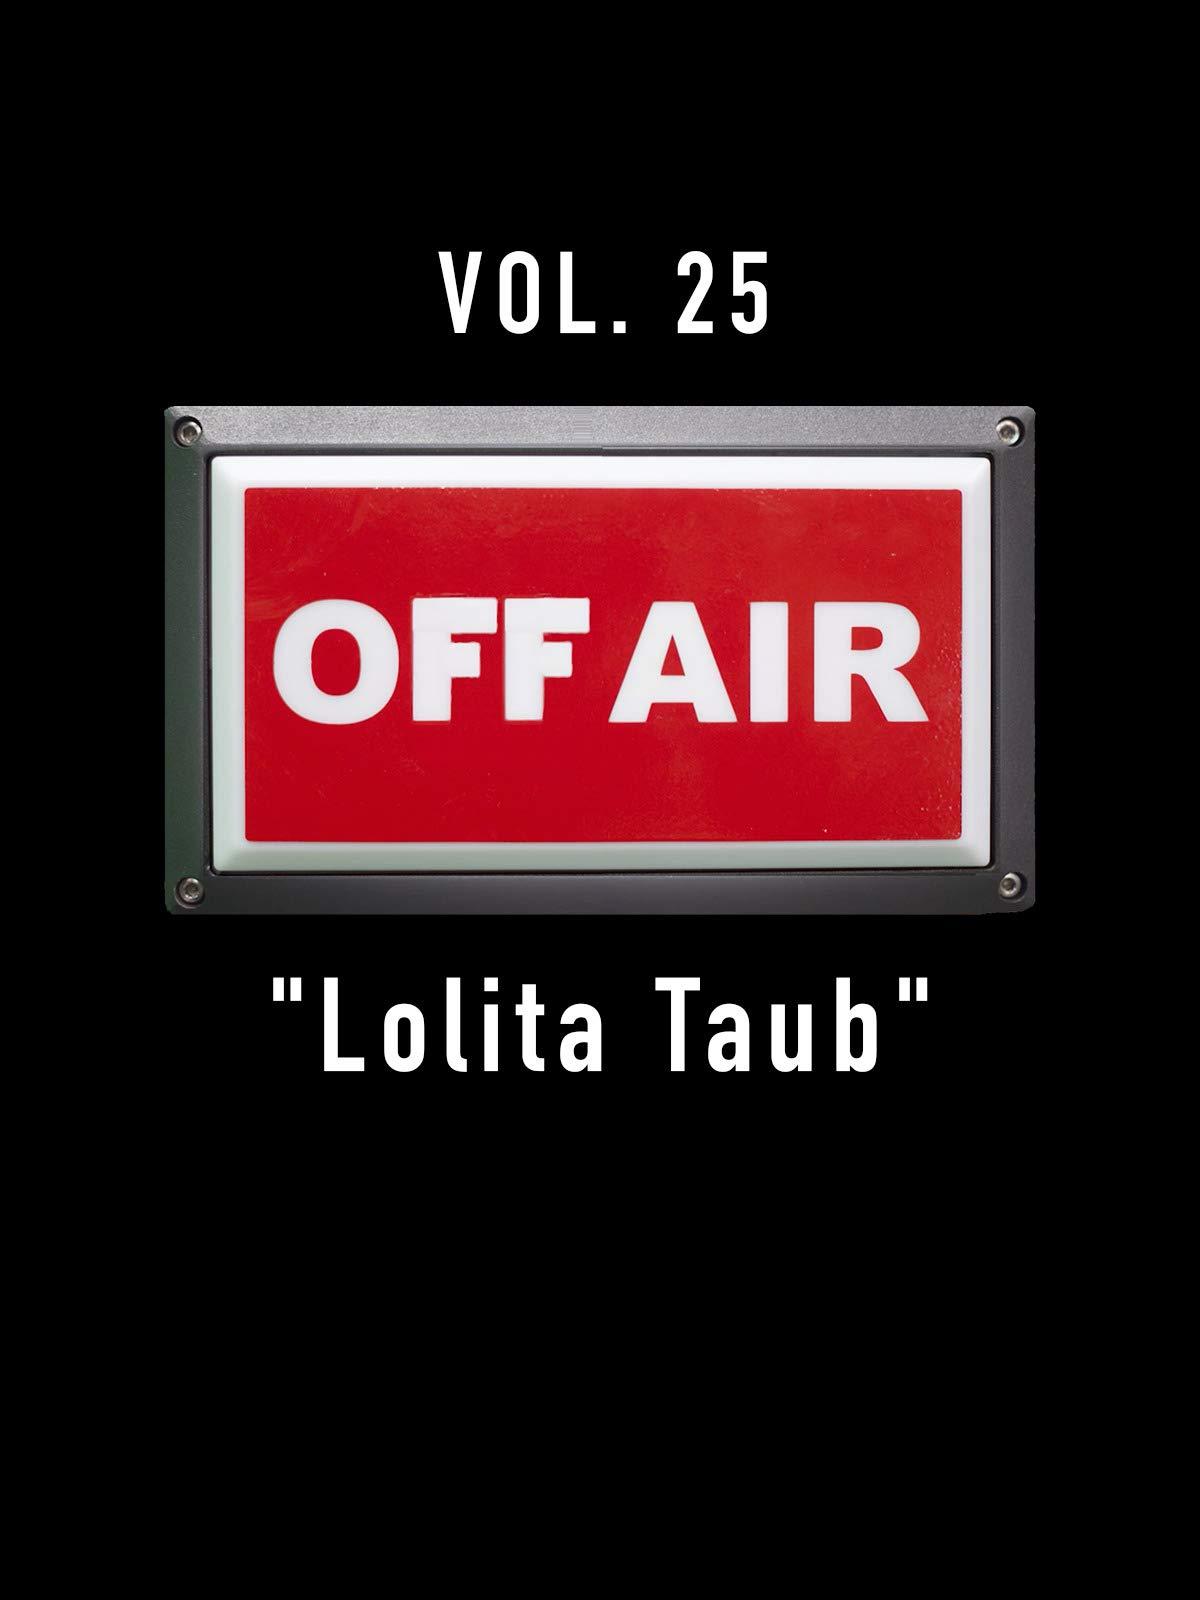 Off-Air Vol. 25